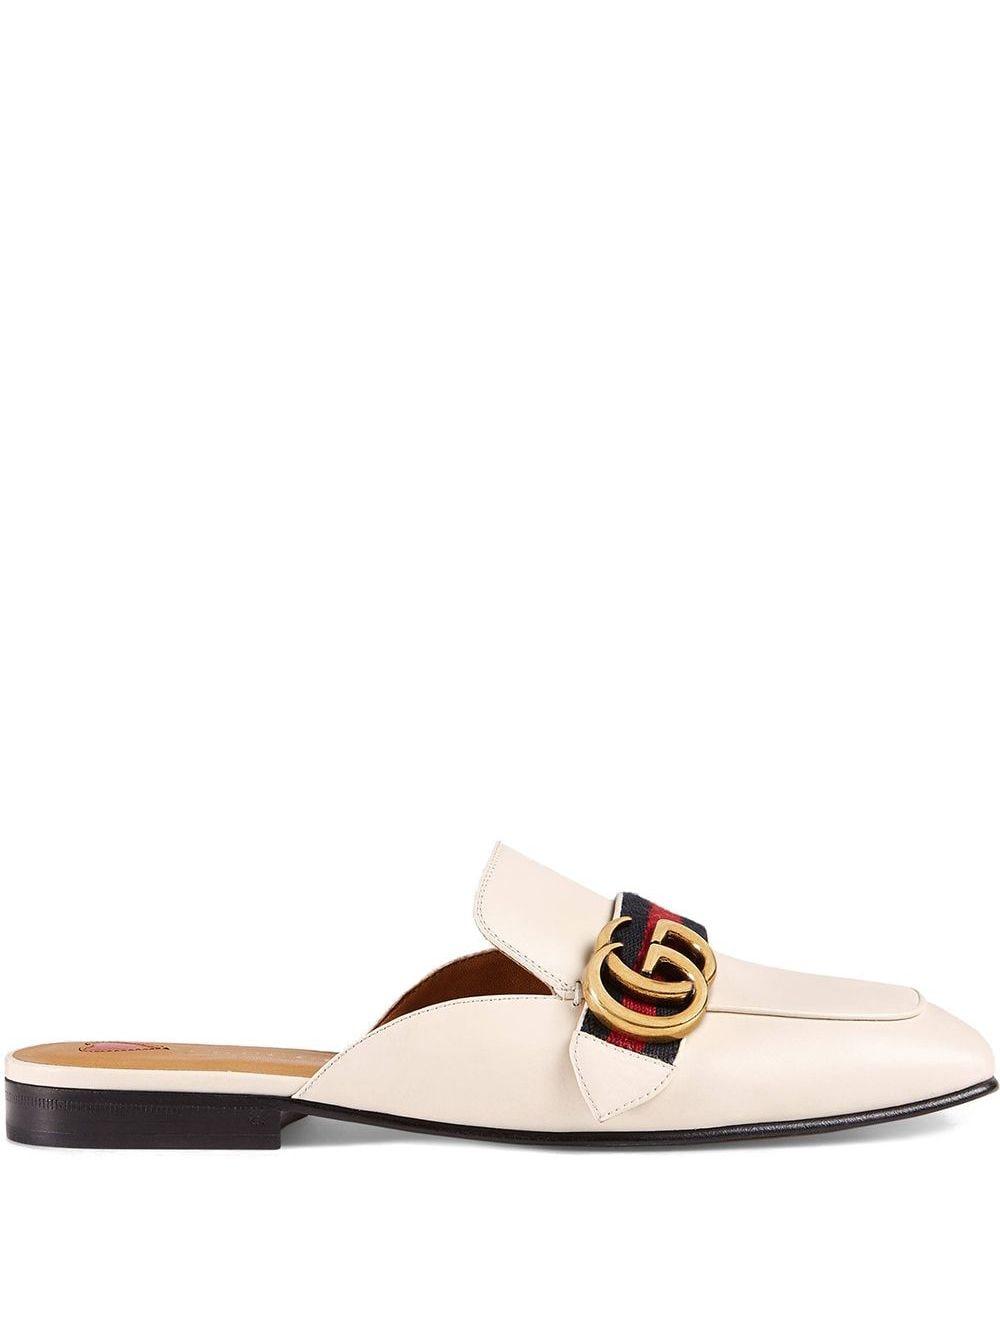 Gucci Klassische Slipper - Weiß